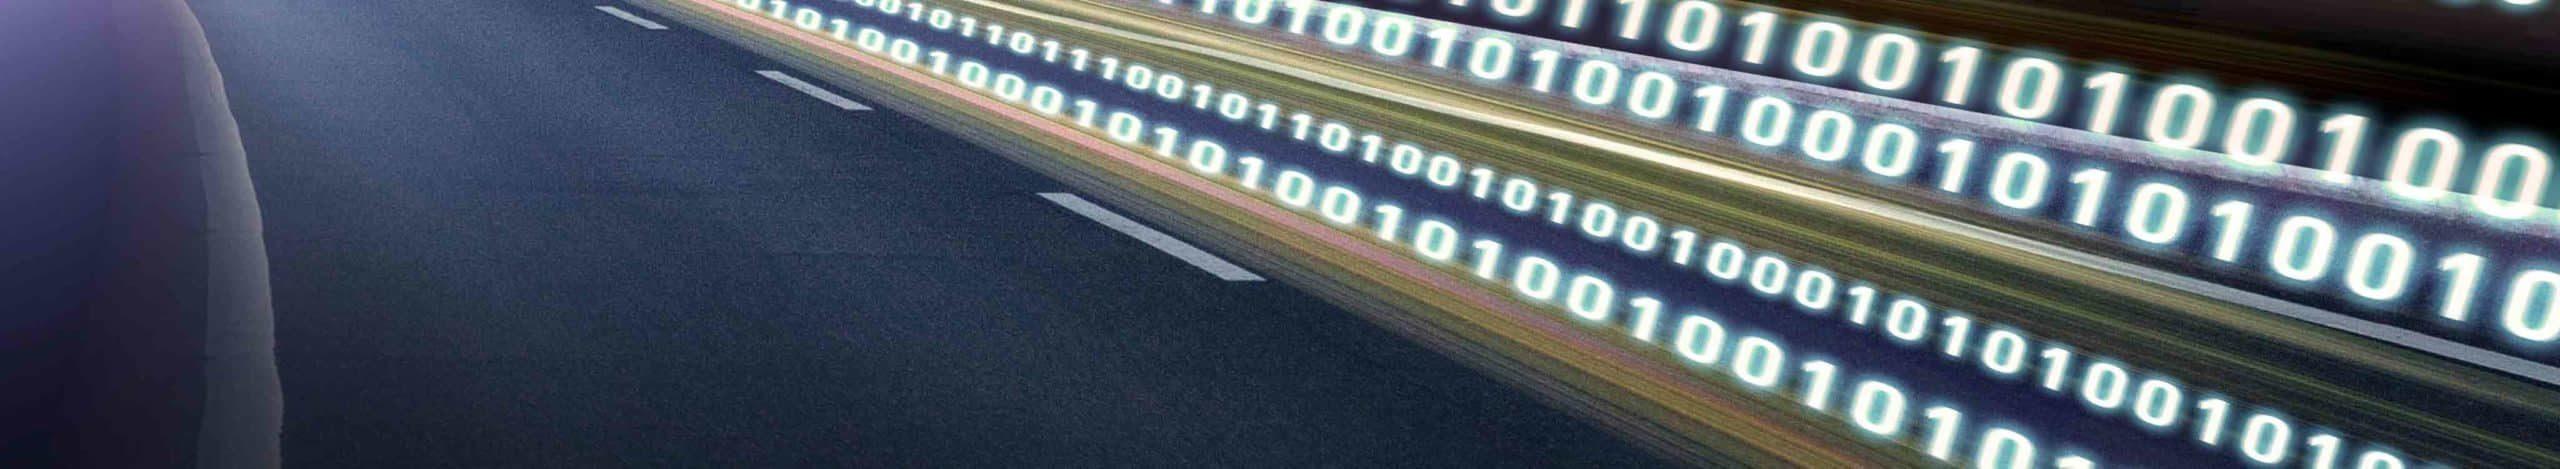 Schon heute nutzt die Mehrheit der Unternehmen in der Transport- und Logistikbranche Big Data für ihr Geschäft